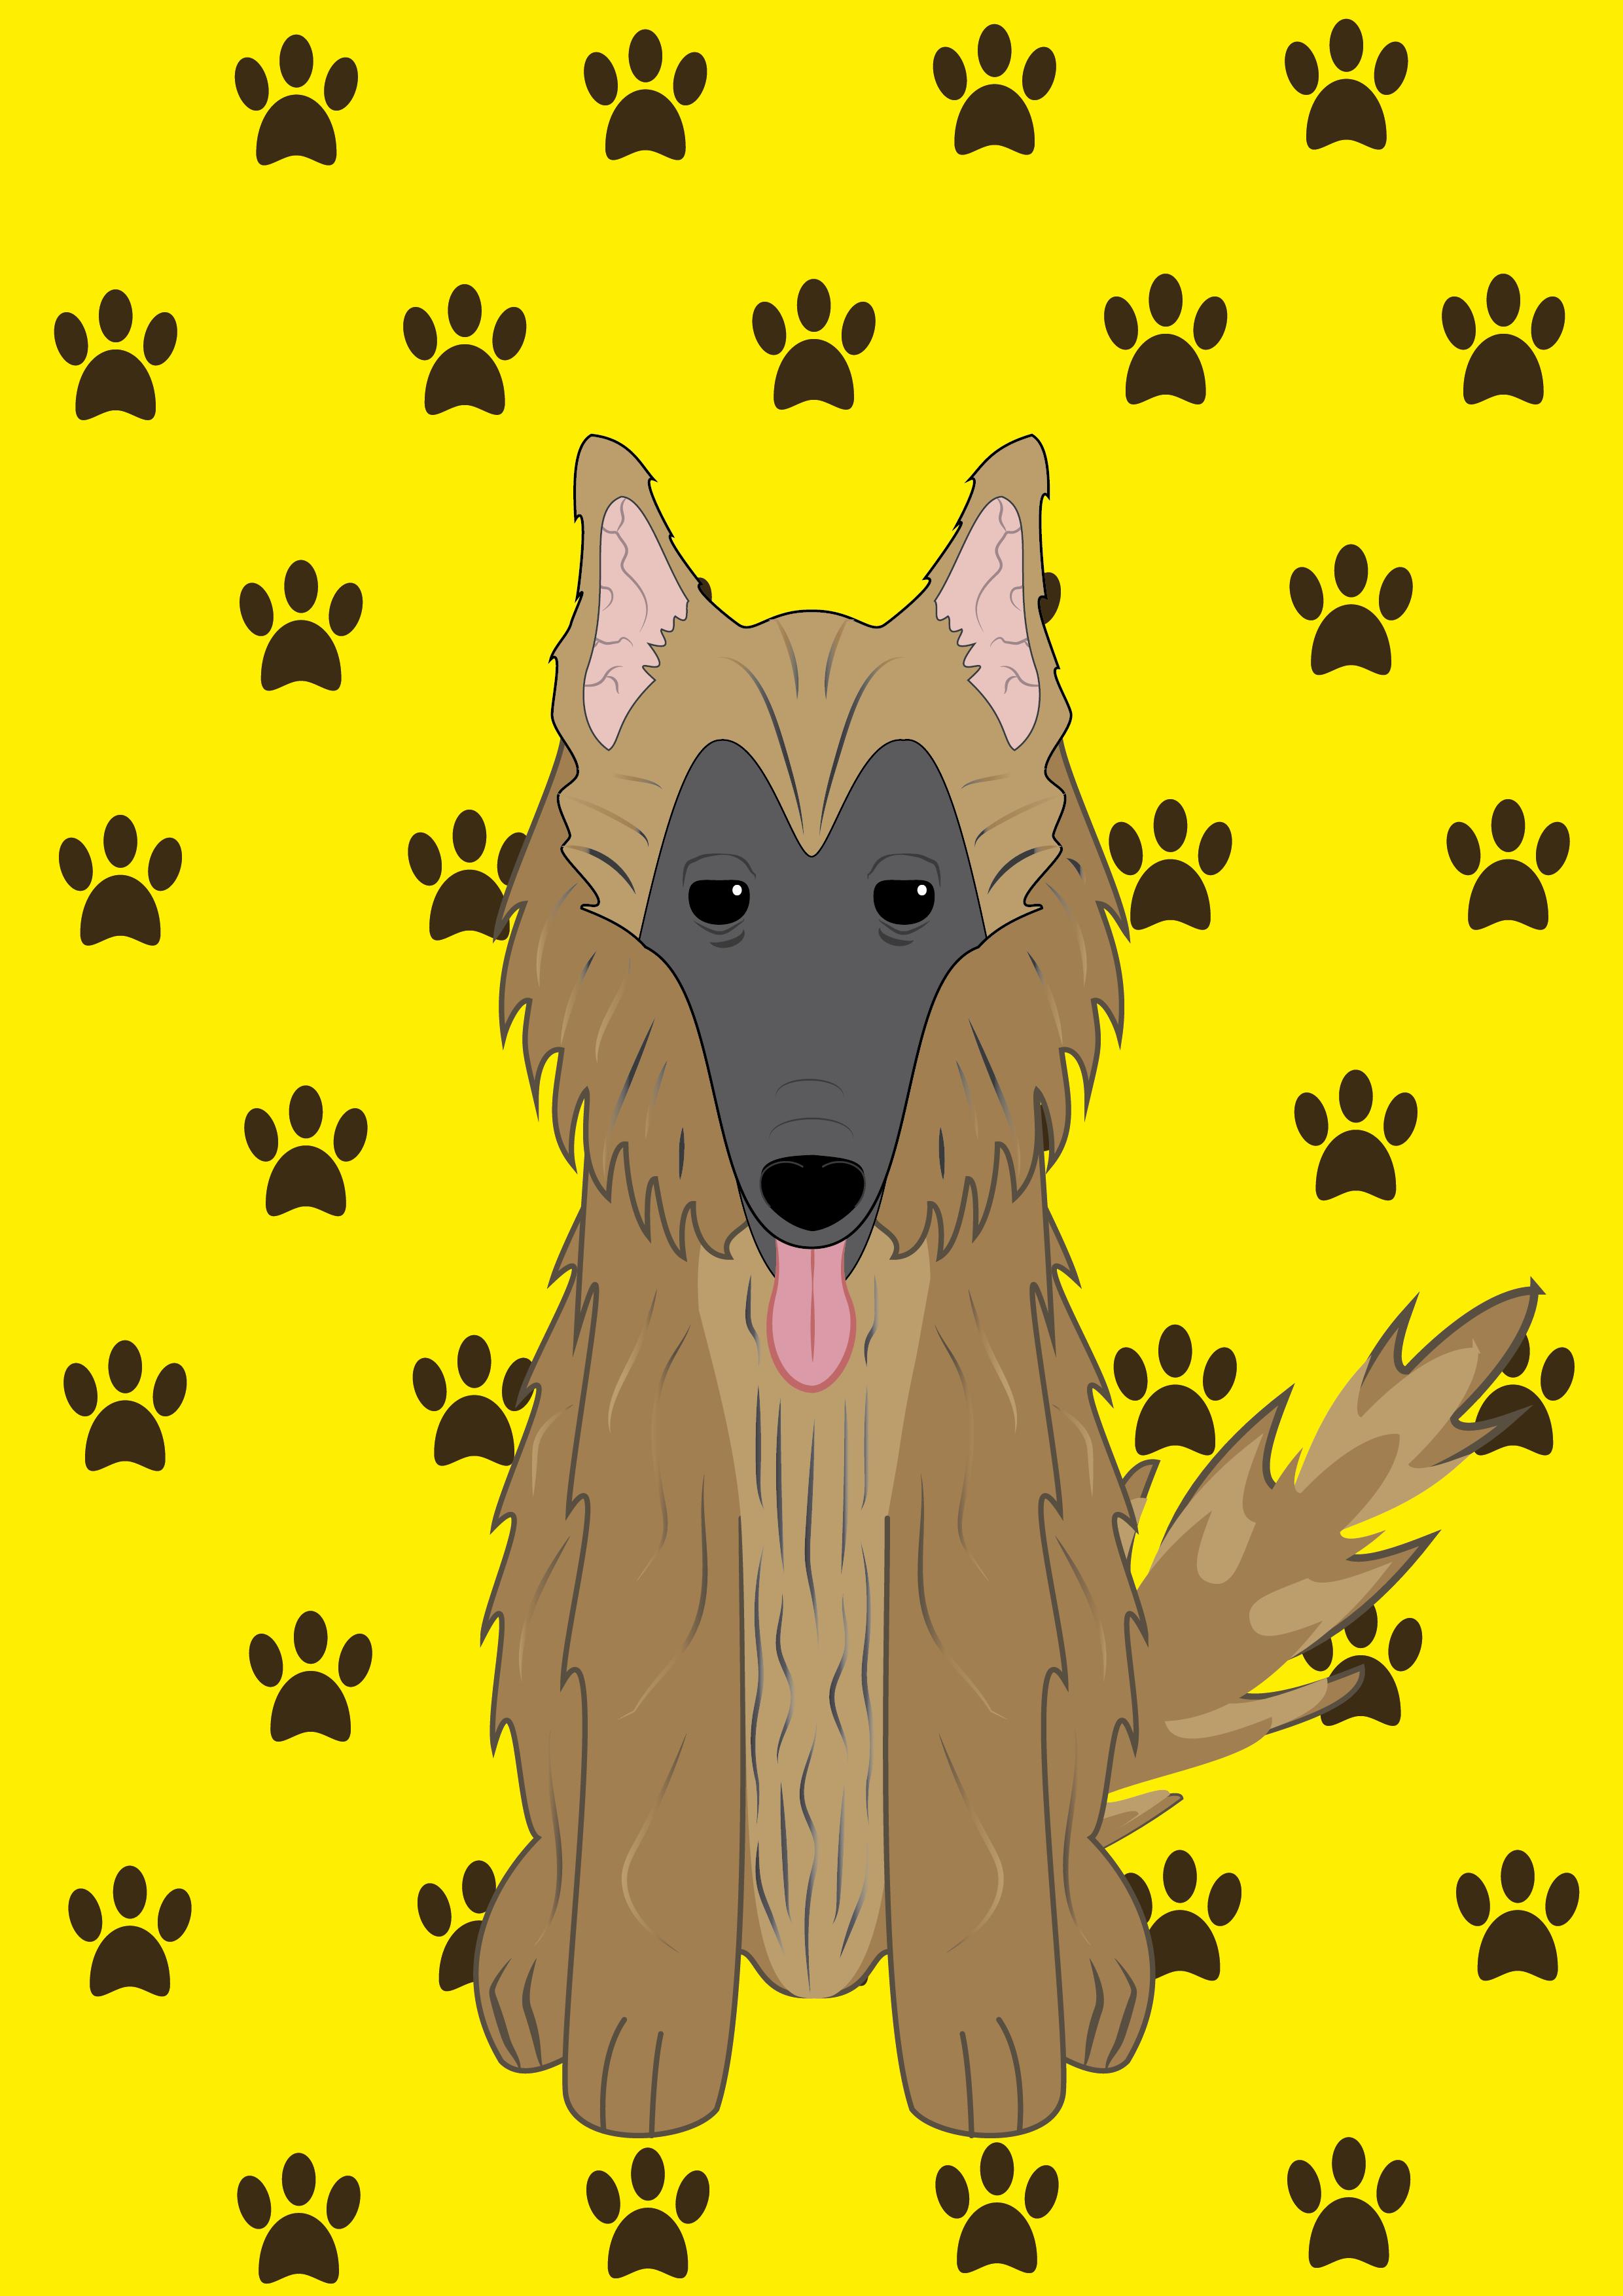 Ilustracion De Un Perro Pastor Belga Tervuren Dogs Pikachu Character